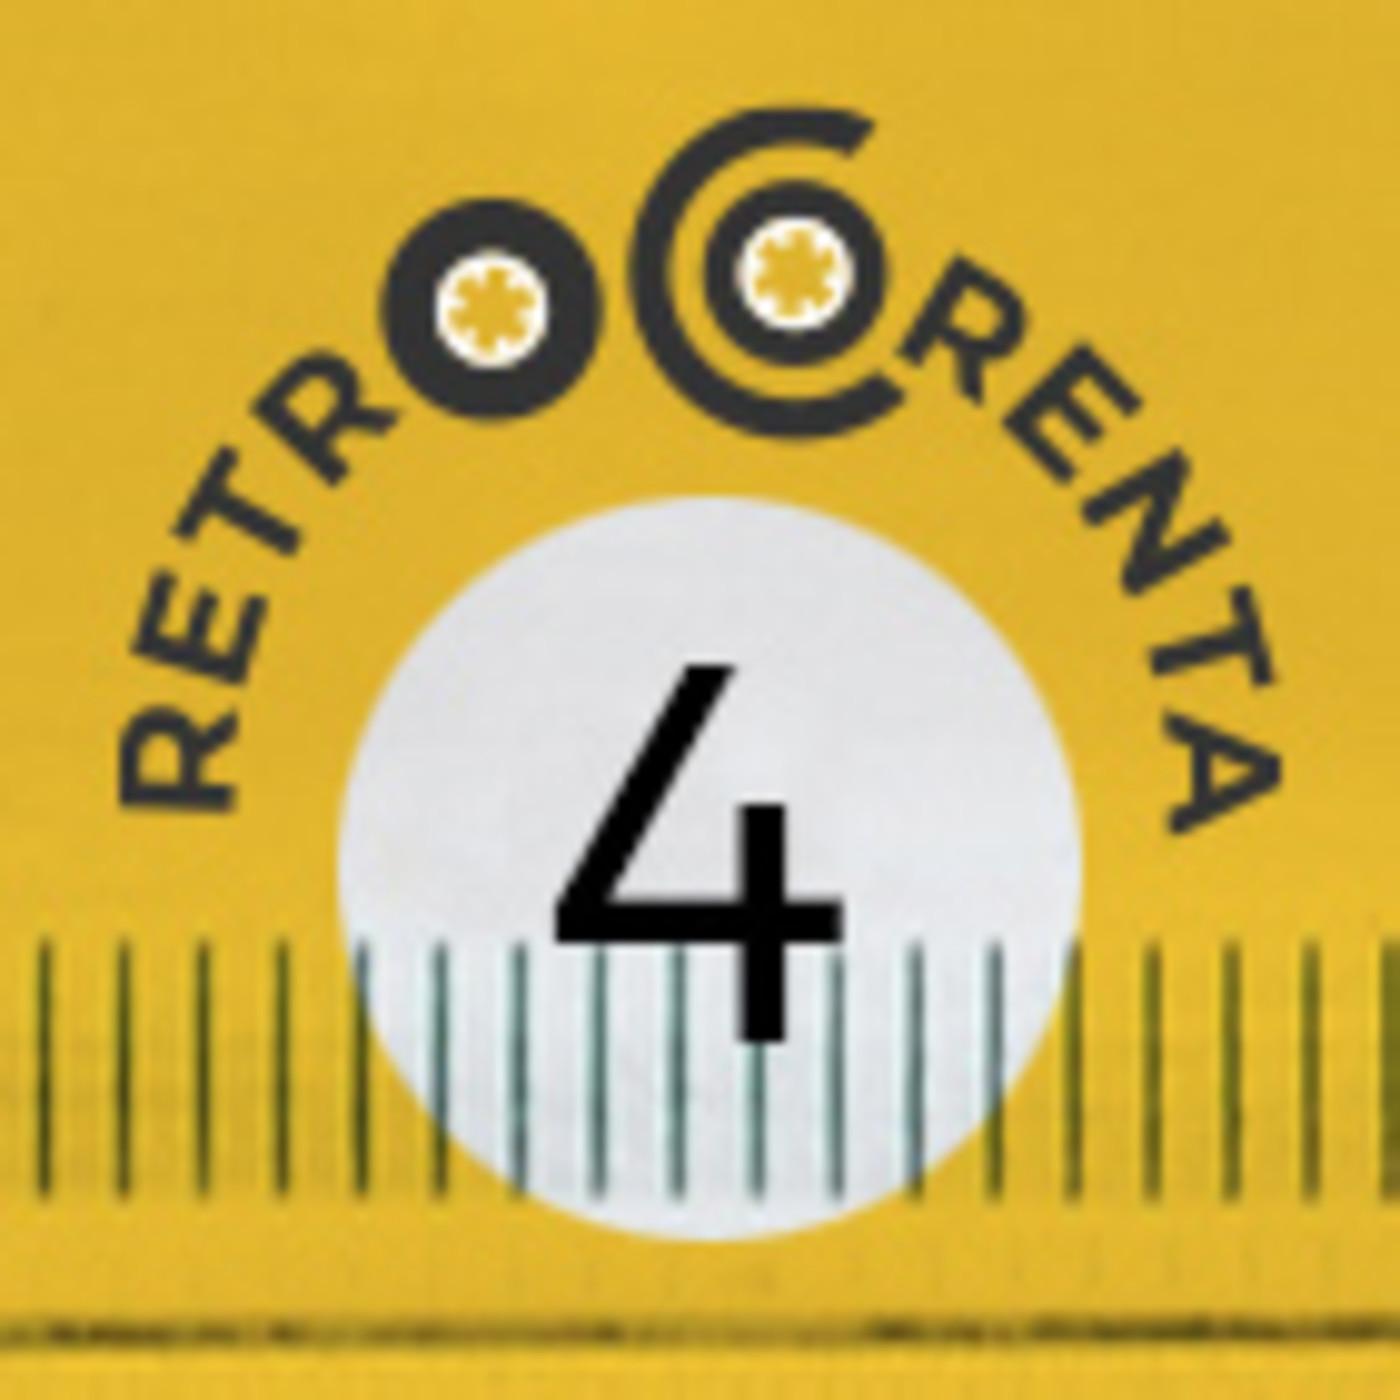 Retrocorenta 4 – Xela, Lois e as letras pop(ulares)